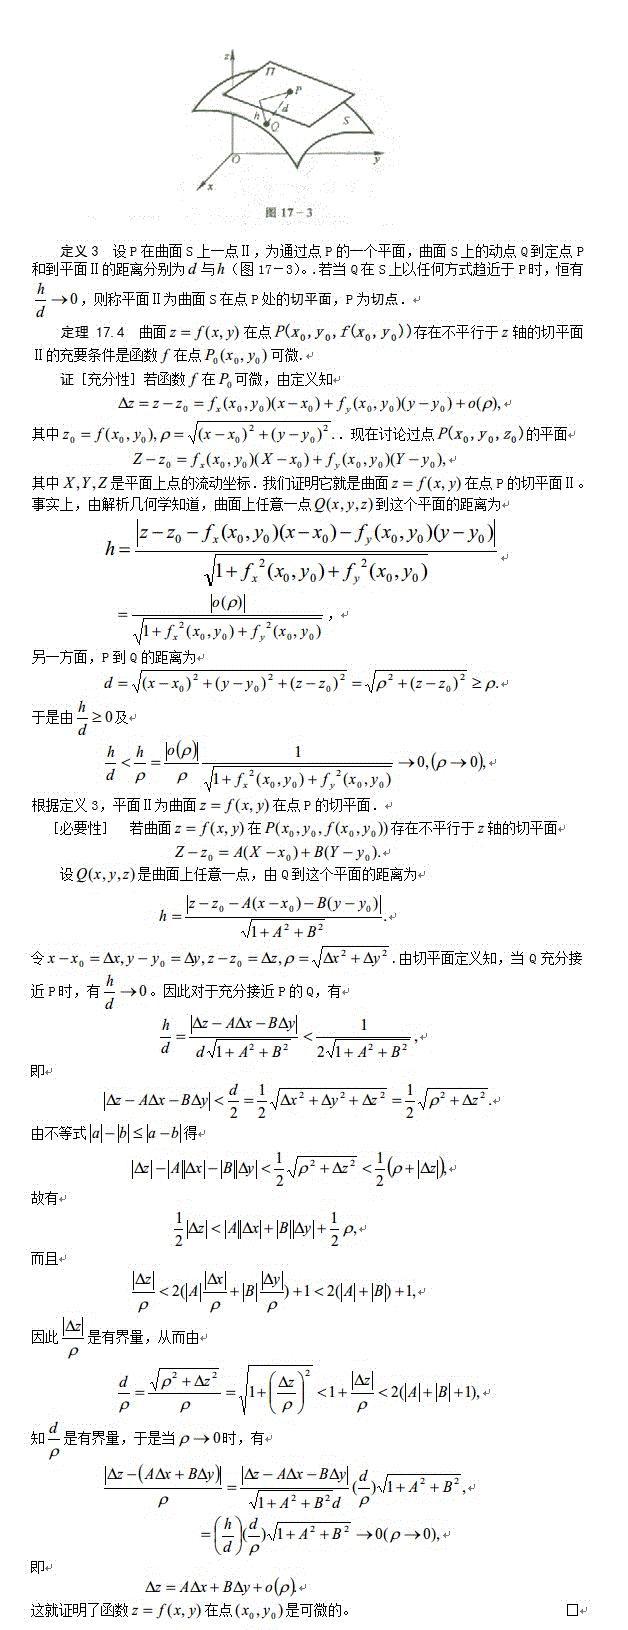 怎样证明:二元函数有切平面,则二元函数可微?